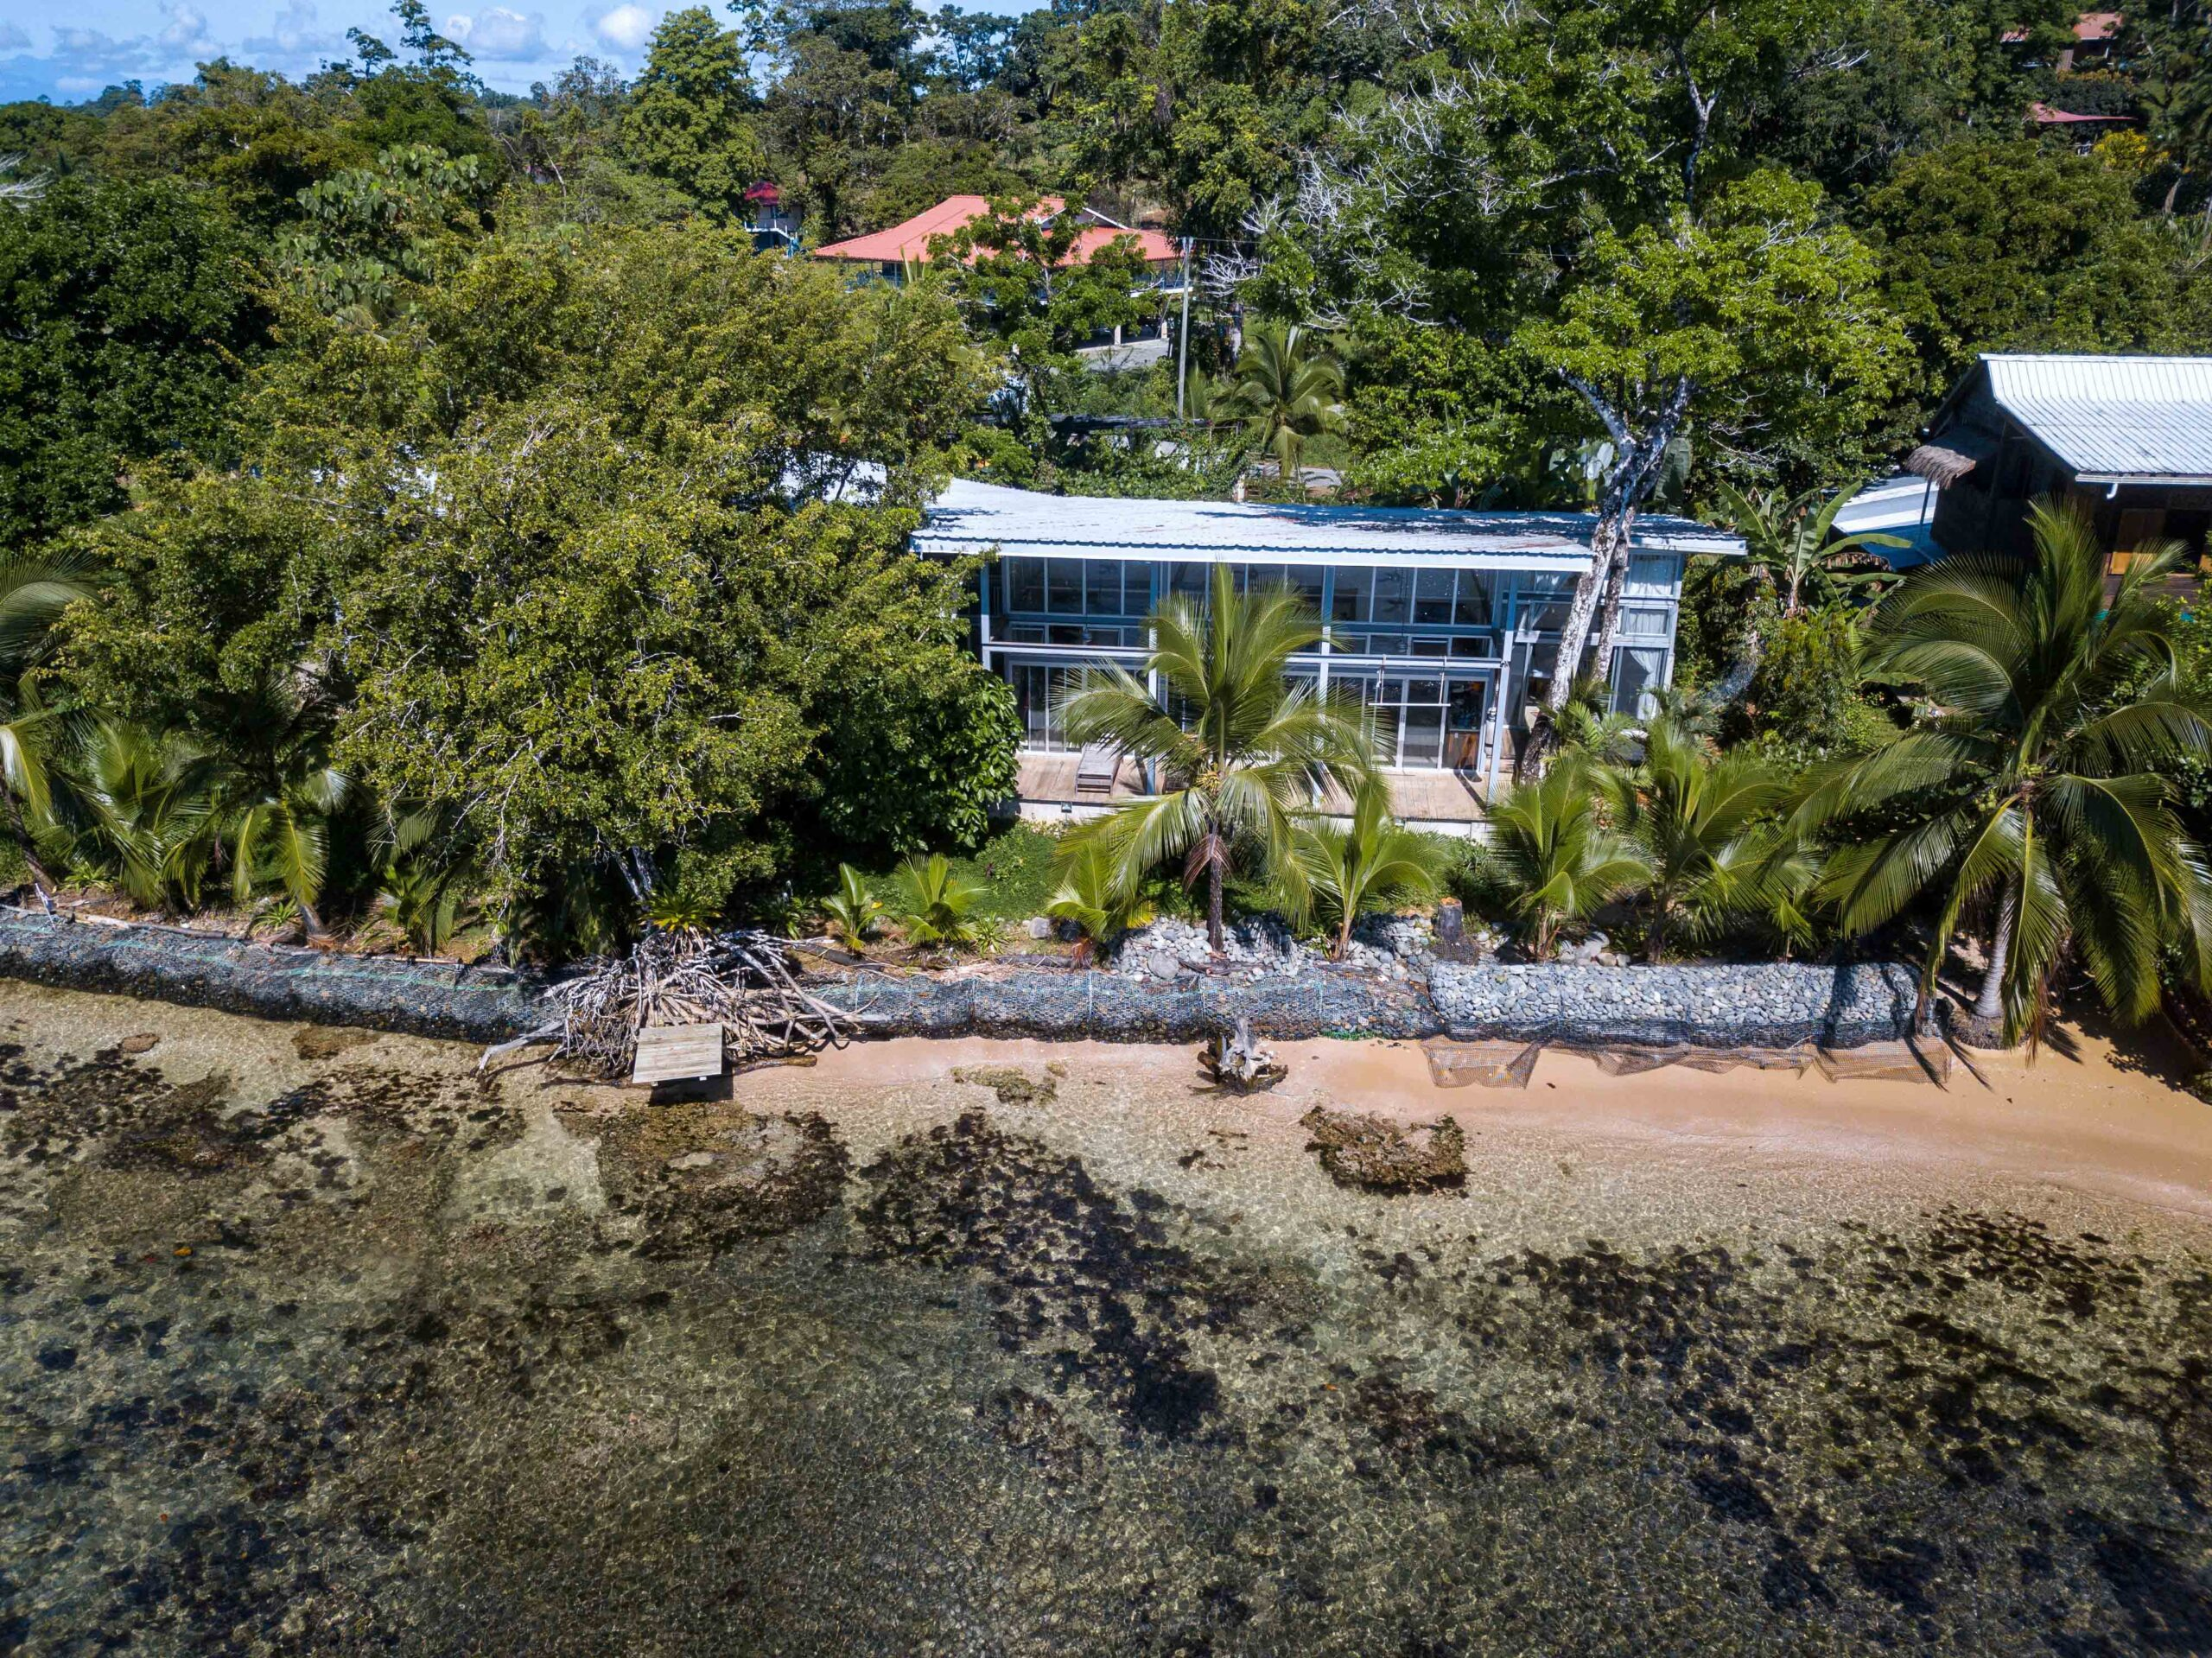 Casa Comunal drone photo in Bocas del Toro